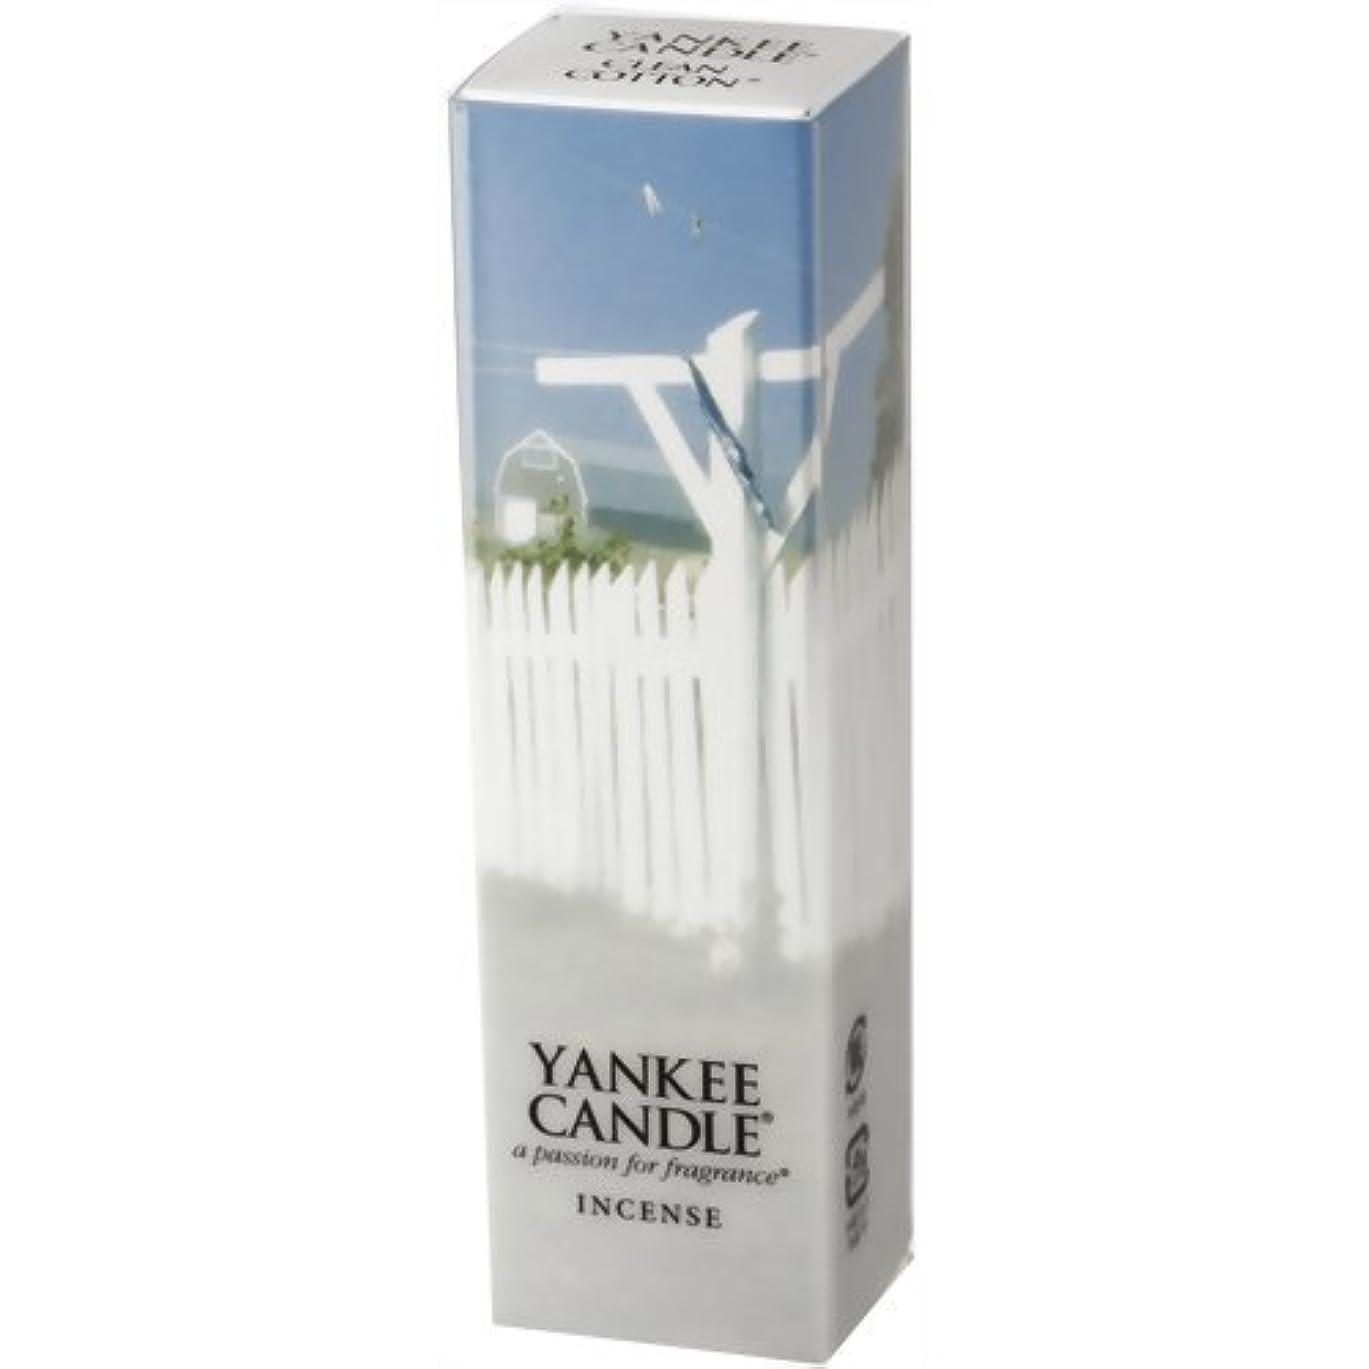 専制水貴重なYANKEE CANDLE(ヤンキーキャンドル) YCインセンス クリーンコットン